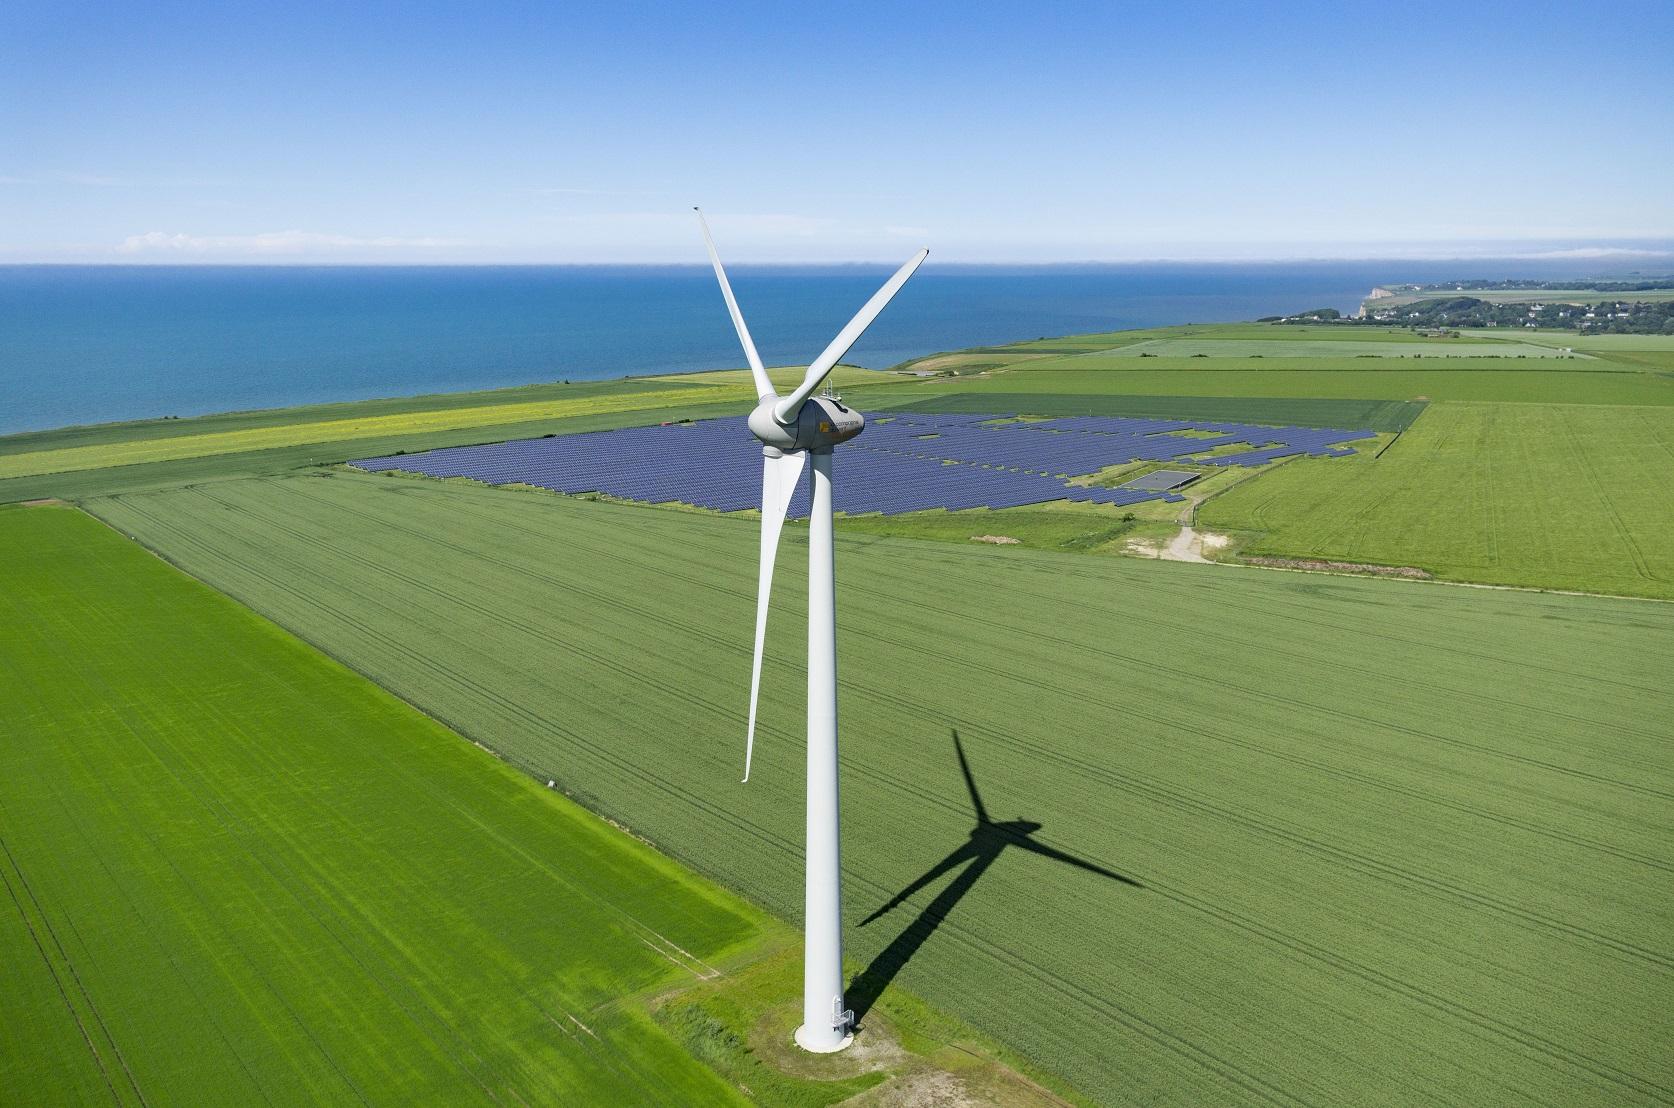 A criação de um mercado de carbono no Brasil para financiar as energias renováveis e o reflorestamento faz parte das propostas do CEBDS. Foto CORMON Francis / hemis.fr /Hemis